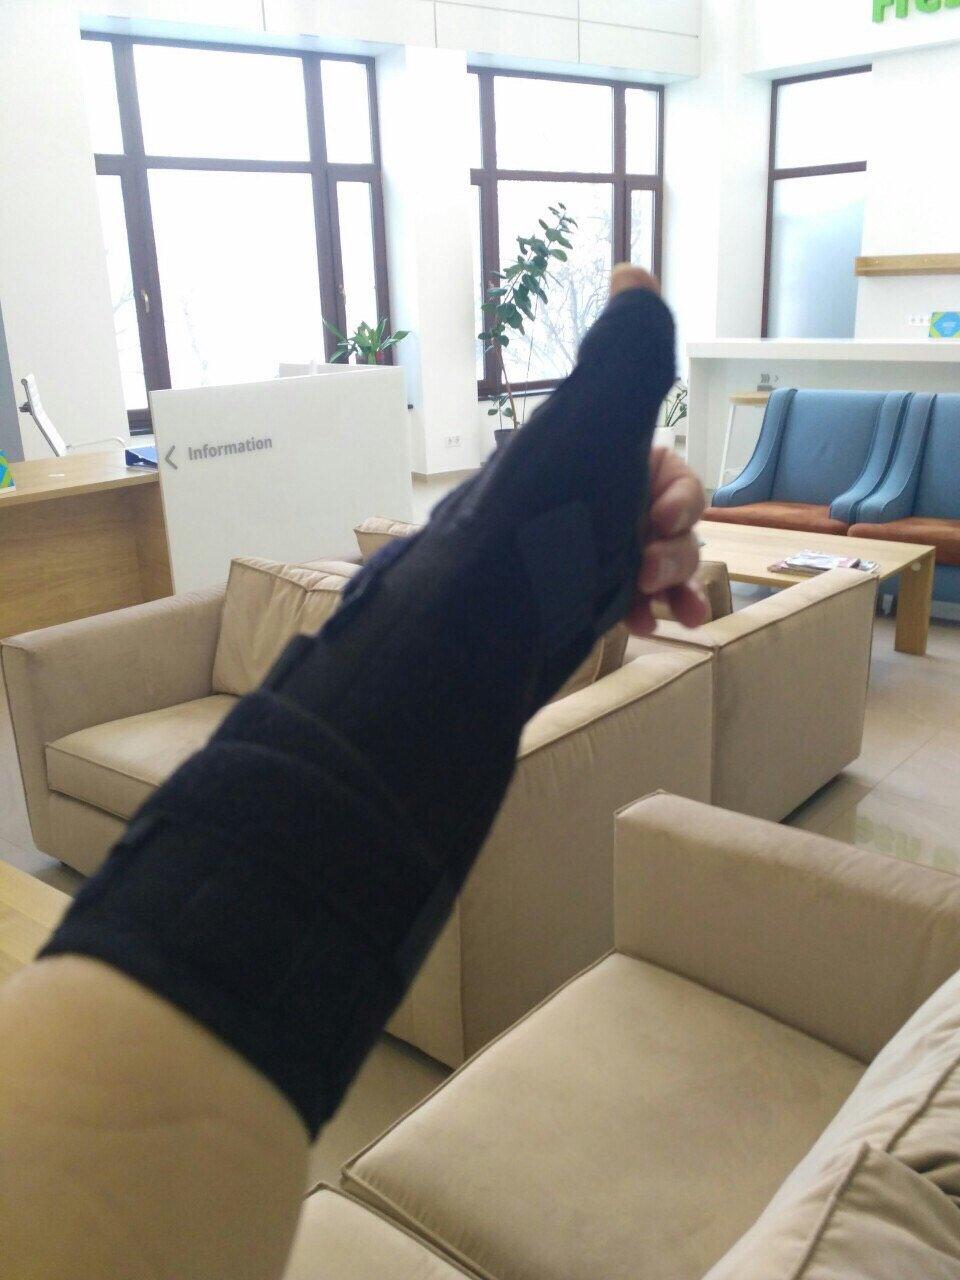 Травма пальца - быстро, профессионально и безболезненно ! - Классное современное отделение и аккуратные врачи профессионалы !